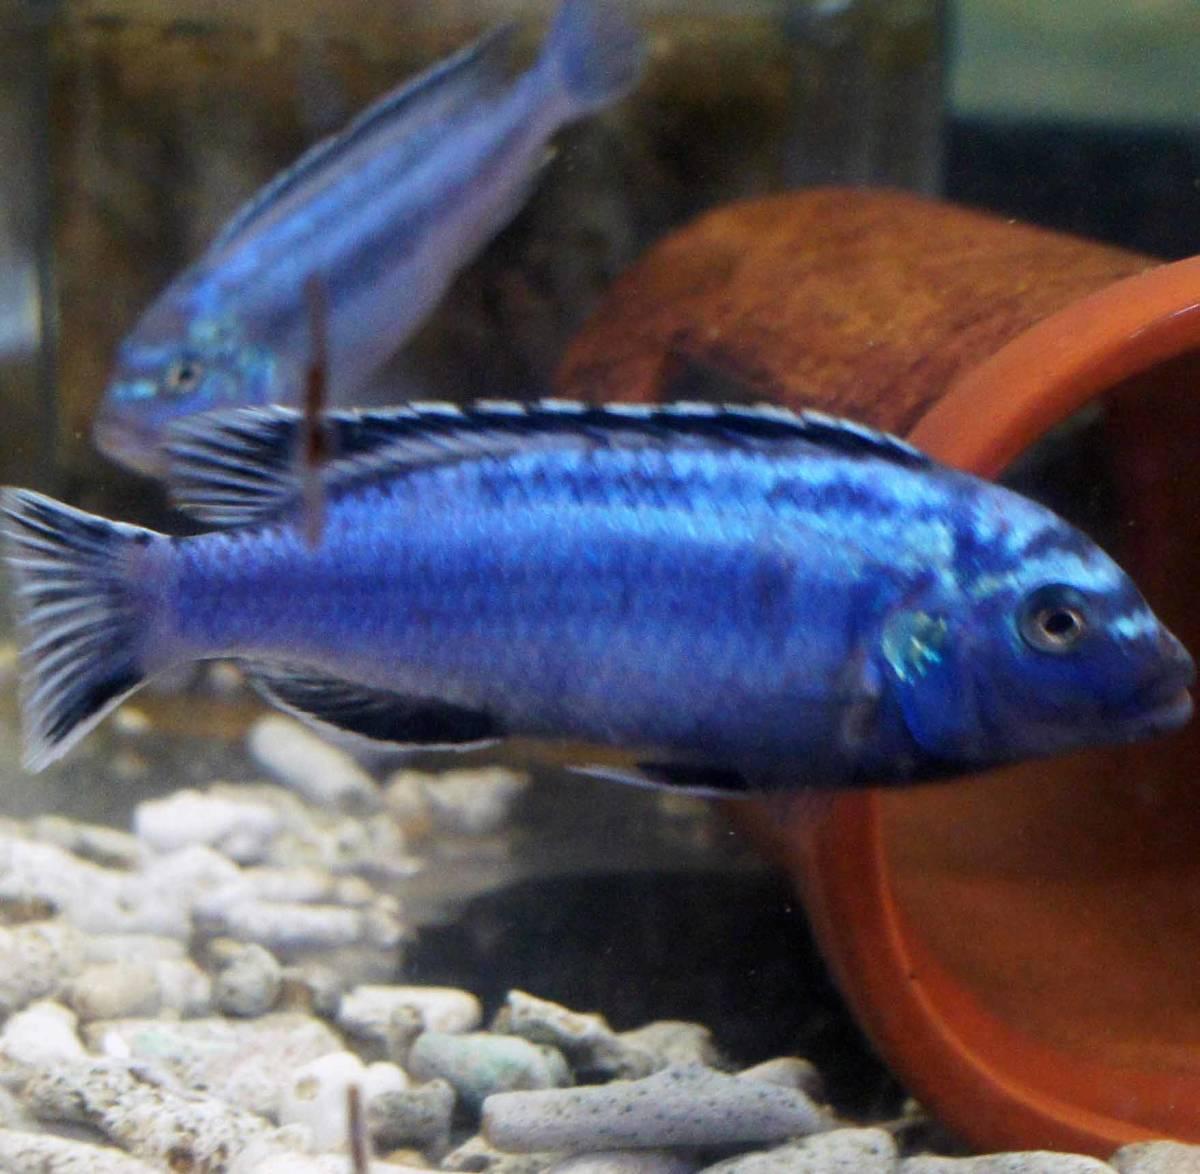 アフリカンシクリッド【メラノクロミス・マインガノ】size[若魚ペア]200913-9-7_画像1